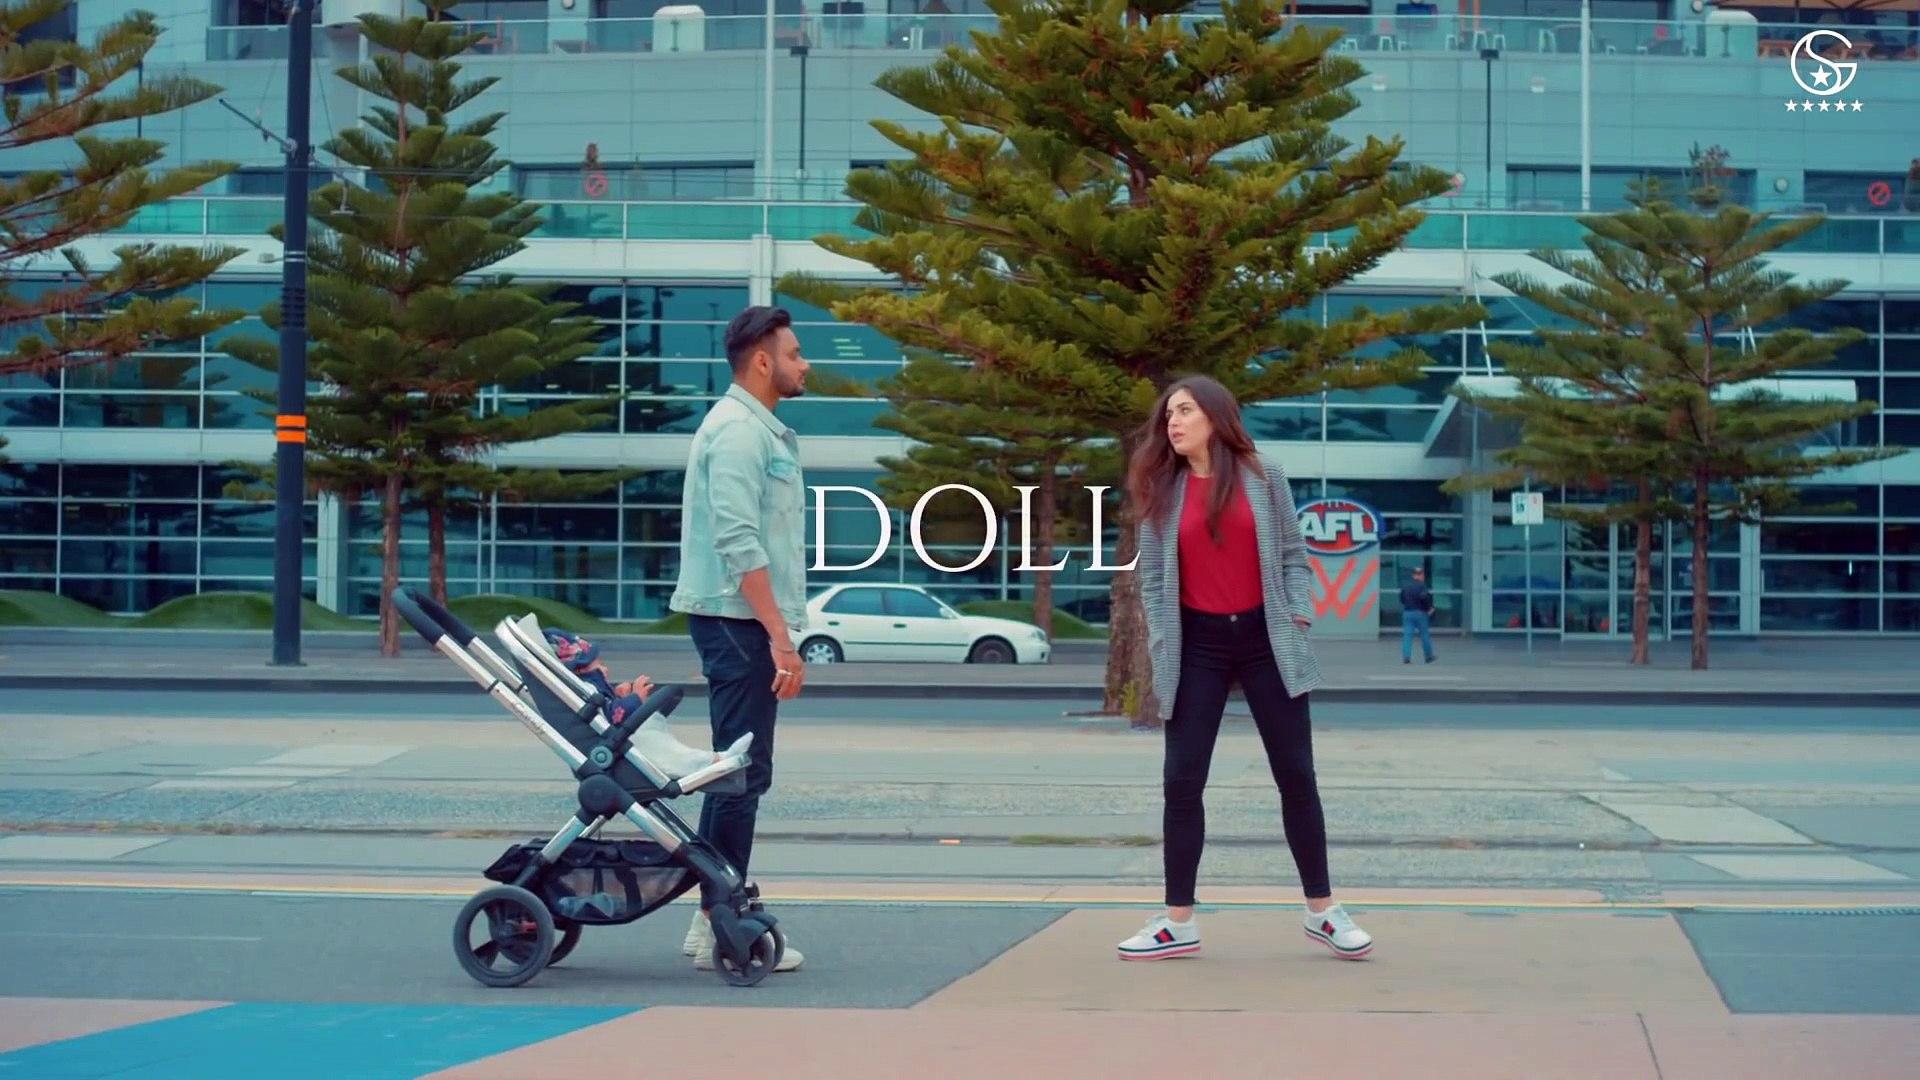 DOLLAR - (OFFICIAL VIDEO) | G KHAN FT. GARRY SANDHU | LATEST PUNJABI SONG 2019 | FLIXAAP